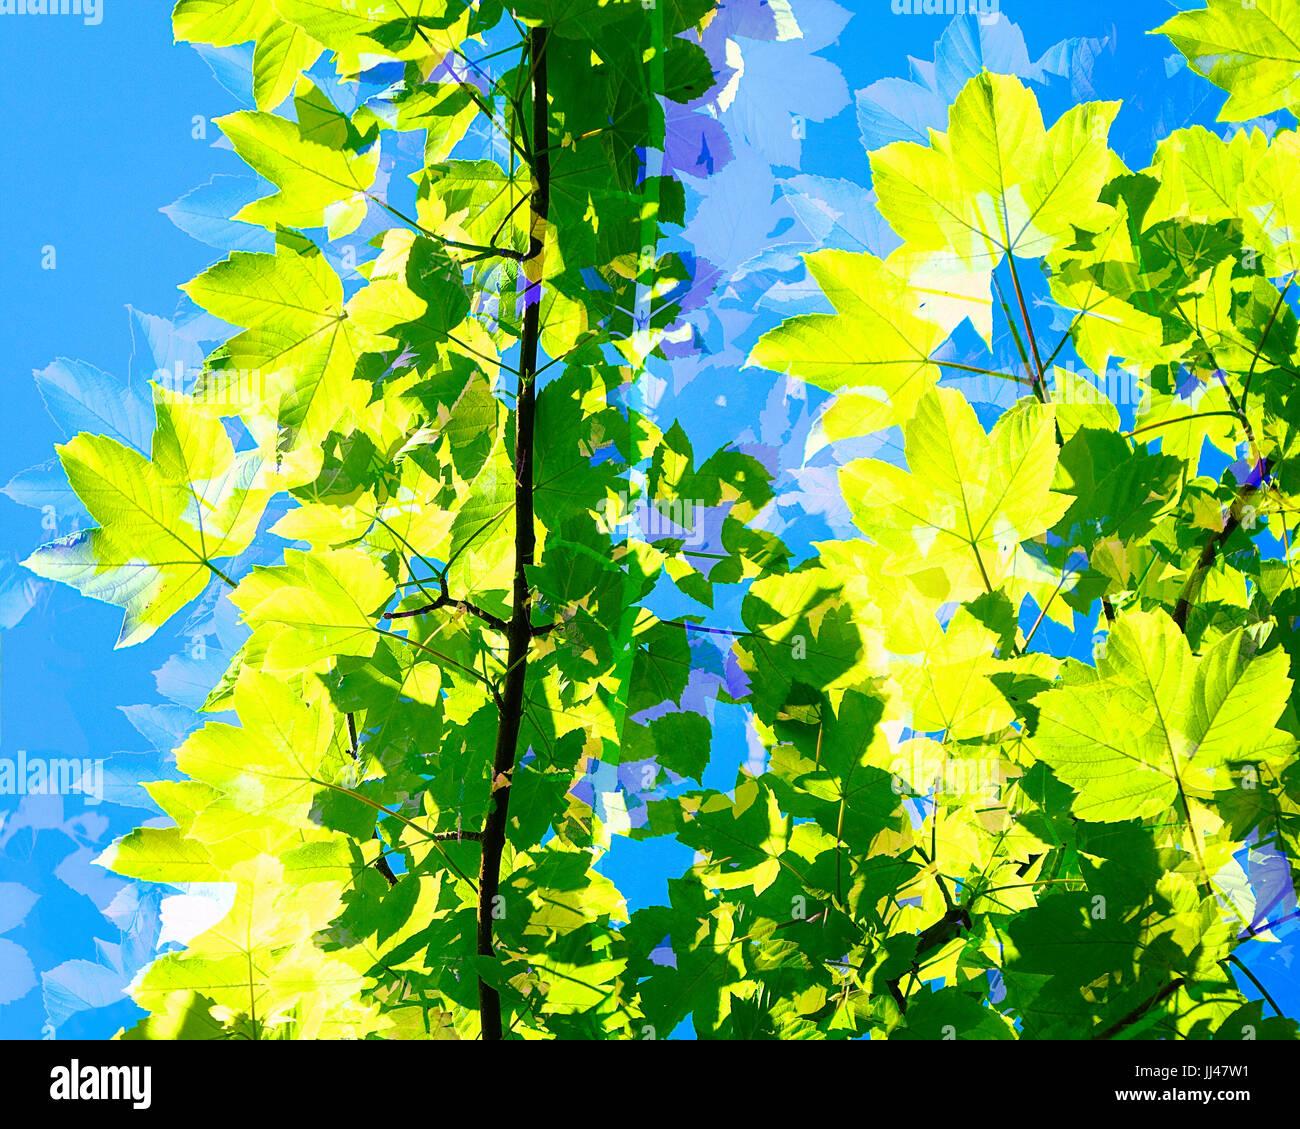 DIGITAL ART: Summertime - Stock Image